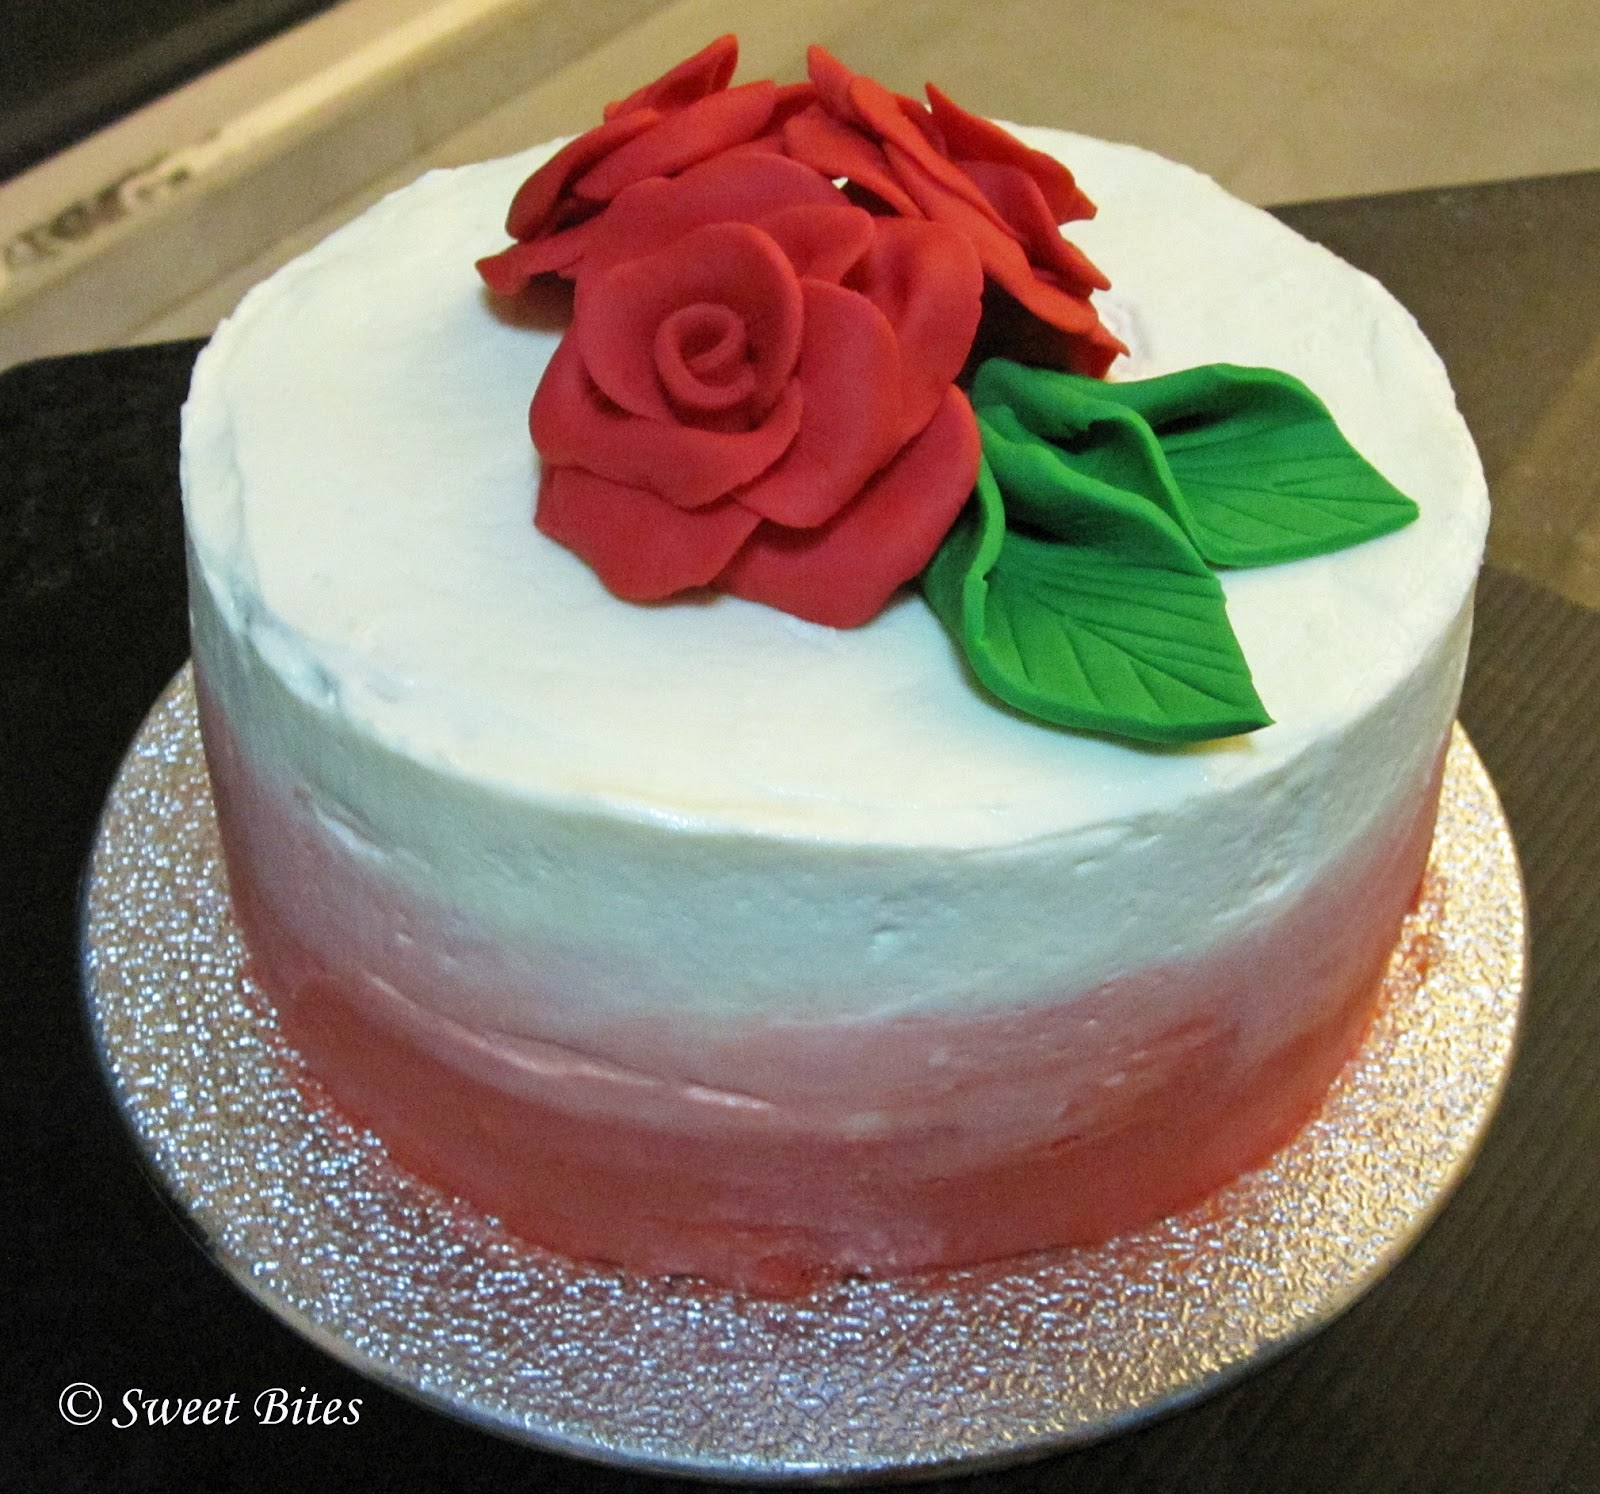 Sweet Bites: Red Velvet Cake with Fondant Rose